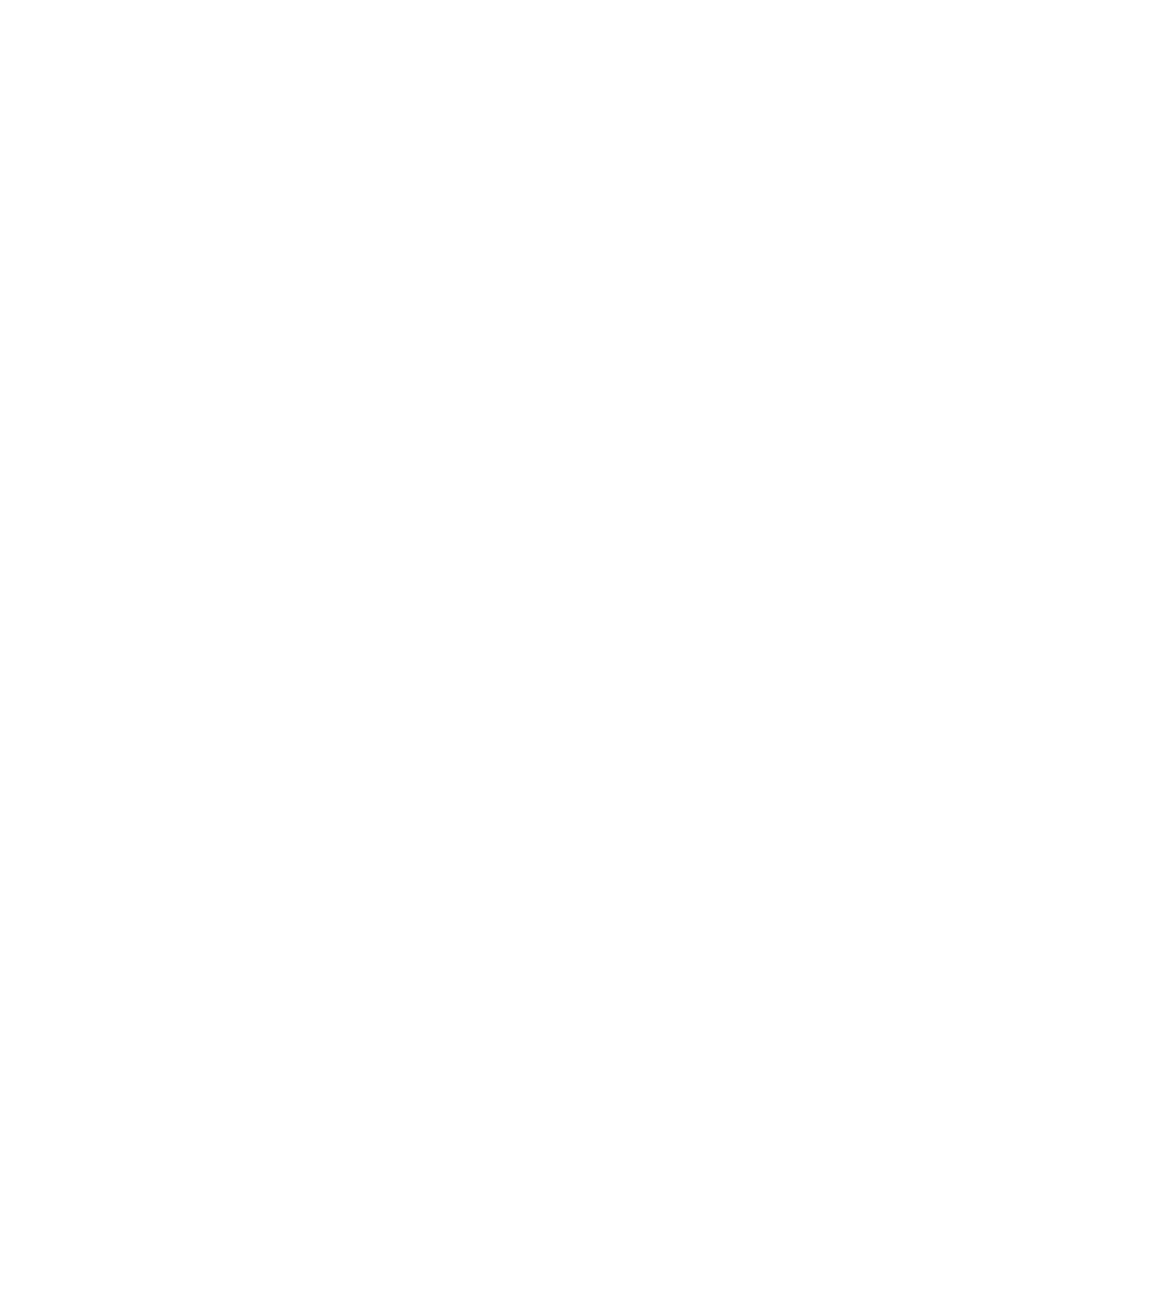 Van Bramer 2021